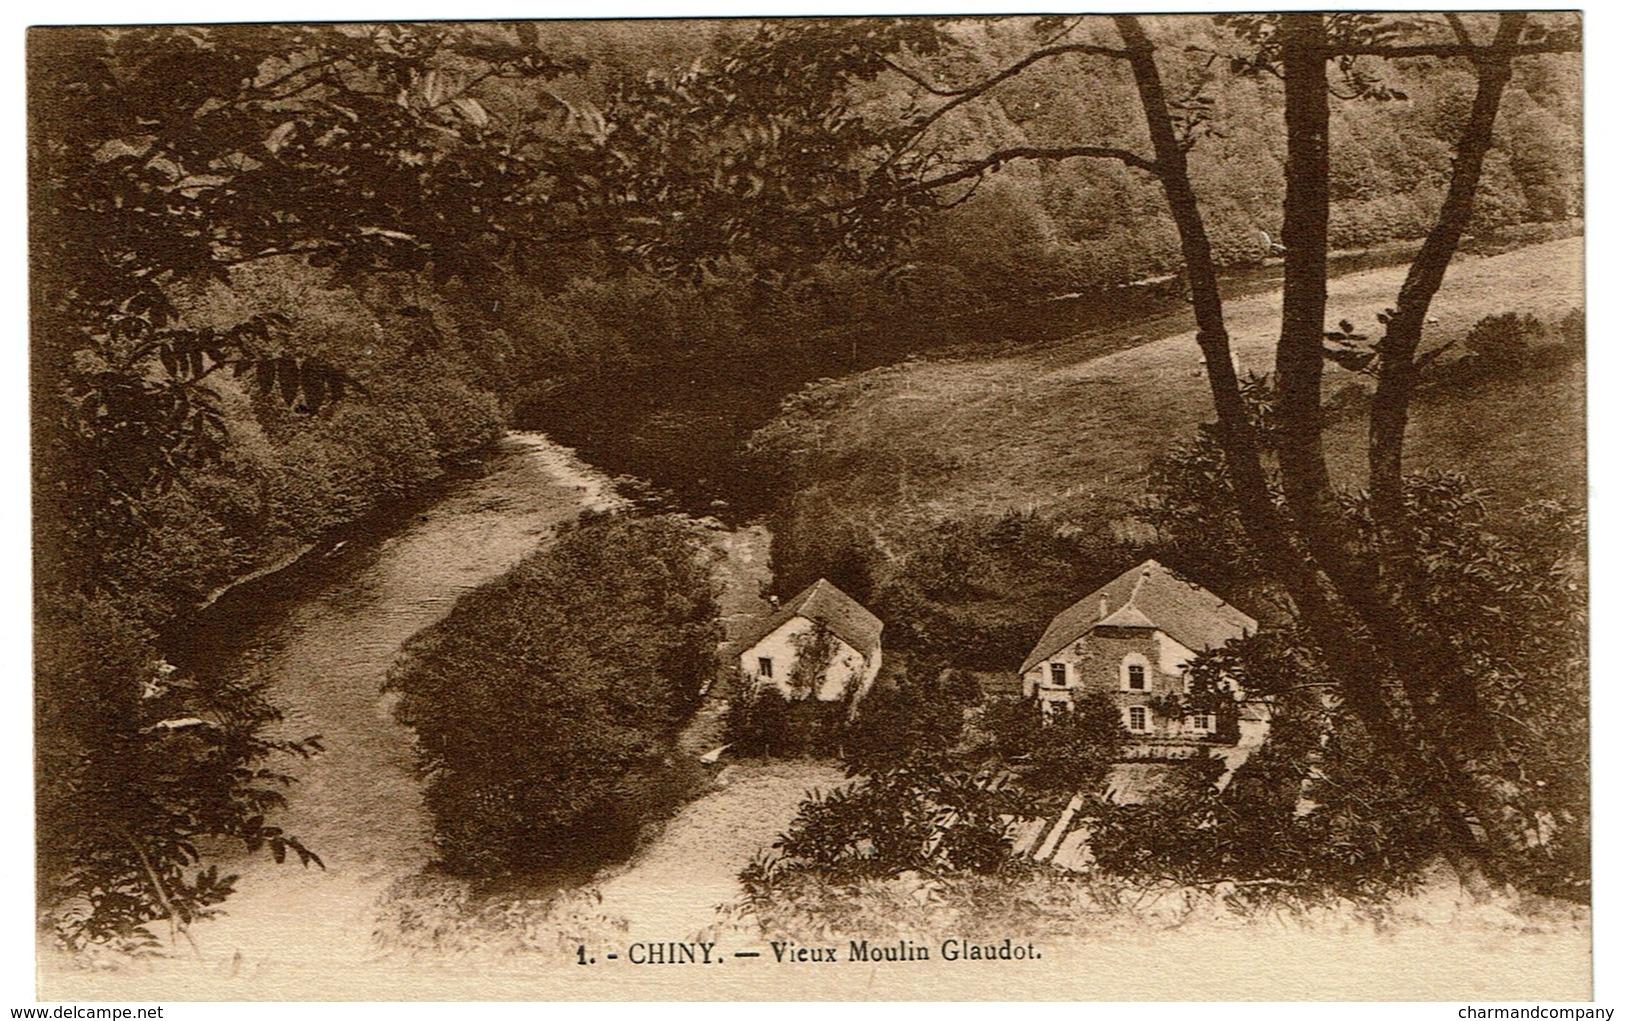 Chiny - Vieux Moulin Glaudot - Edition Longueville Florenville - 2 Scans - Florenville